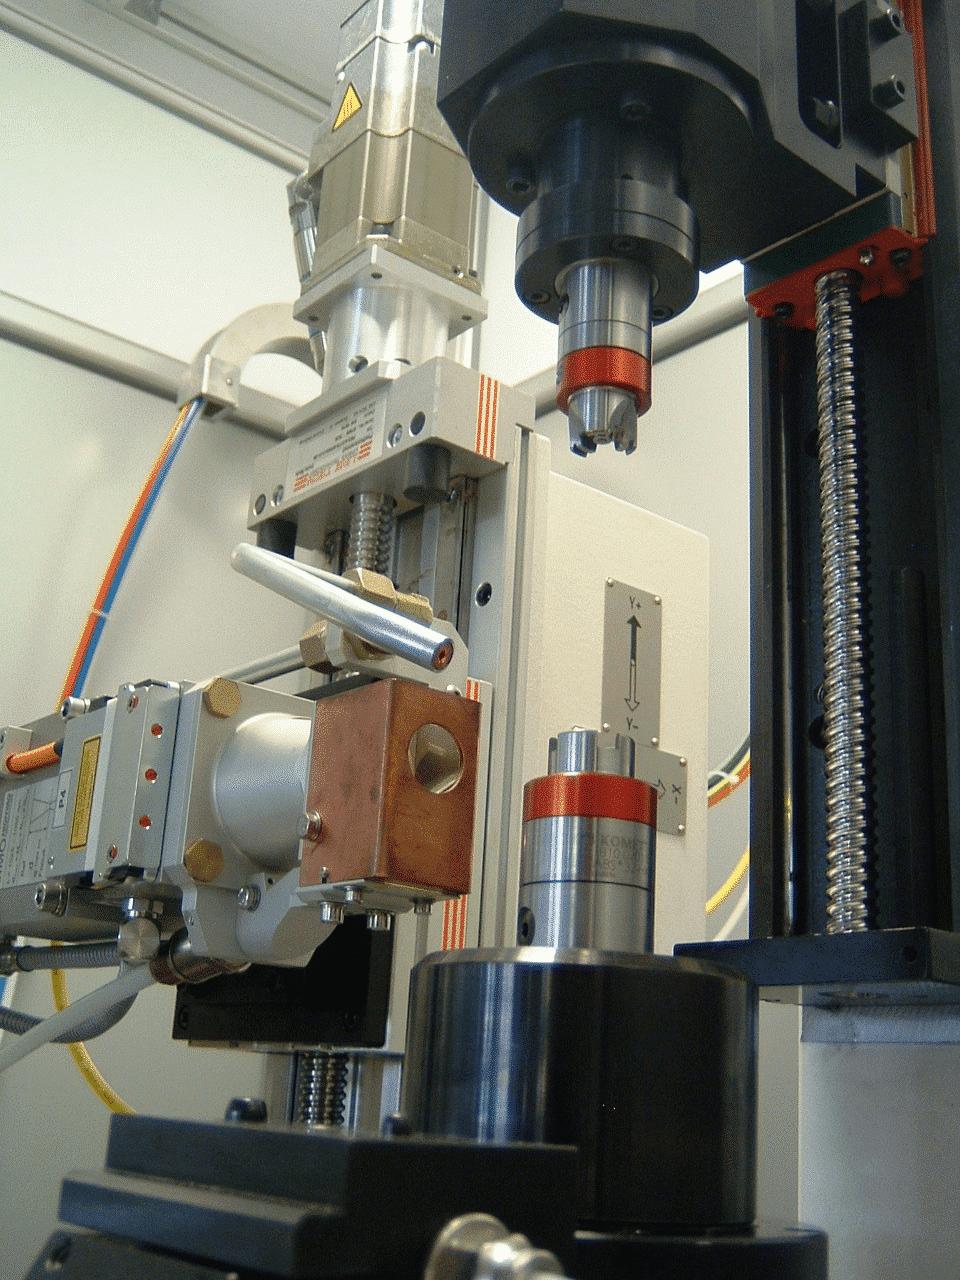 sistemi di produzione per la lavorazione ad asportazione di truciolo lavorazione ad asportazione di truciolo banchi di assemblaggio banchi CNC di saldatura laser